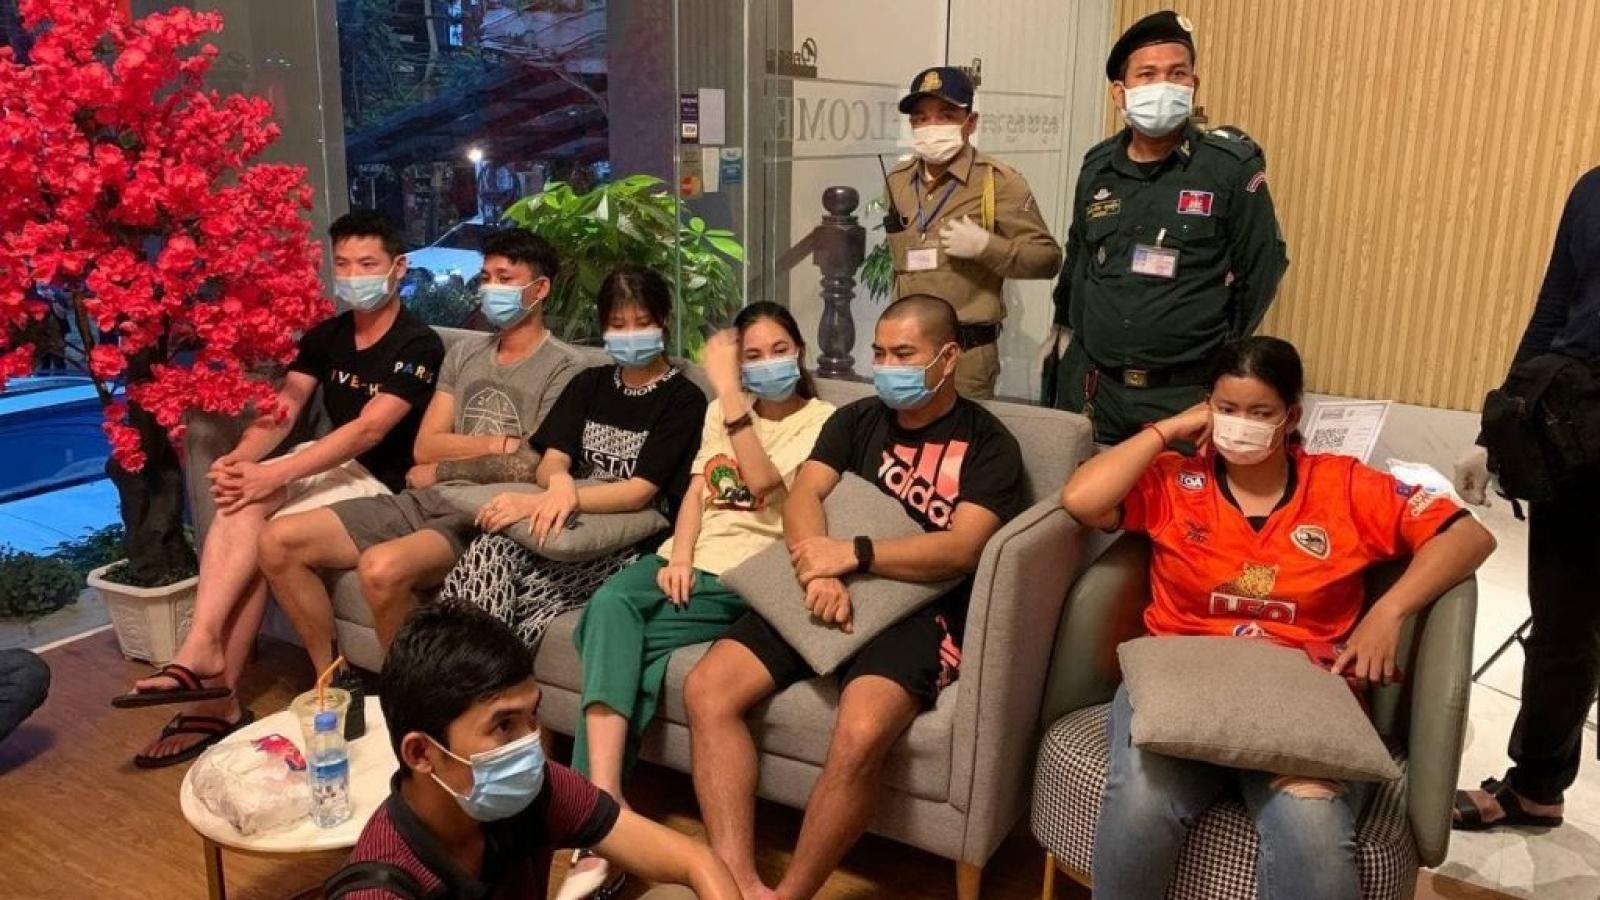 Campuchia triệt phá nhóm tội phạm lợi dụng dịch Covid-19 để bắt cóc tống tiền